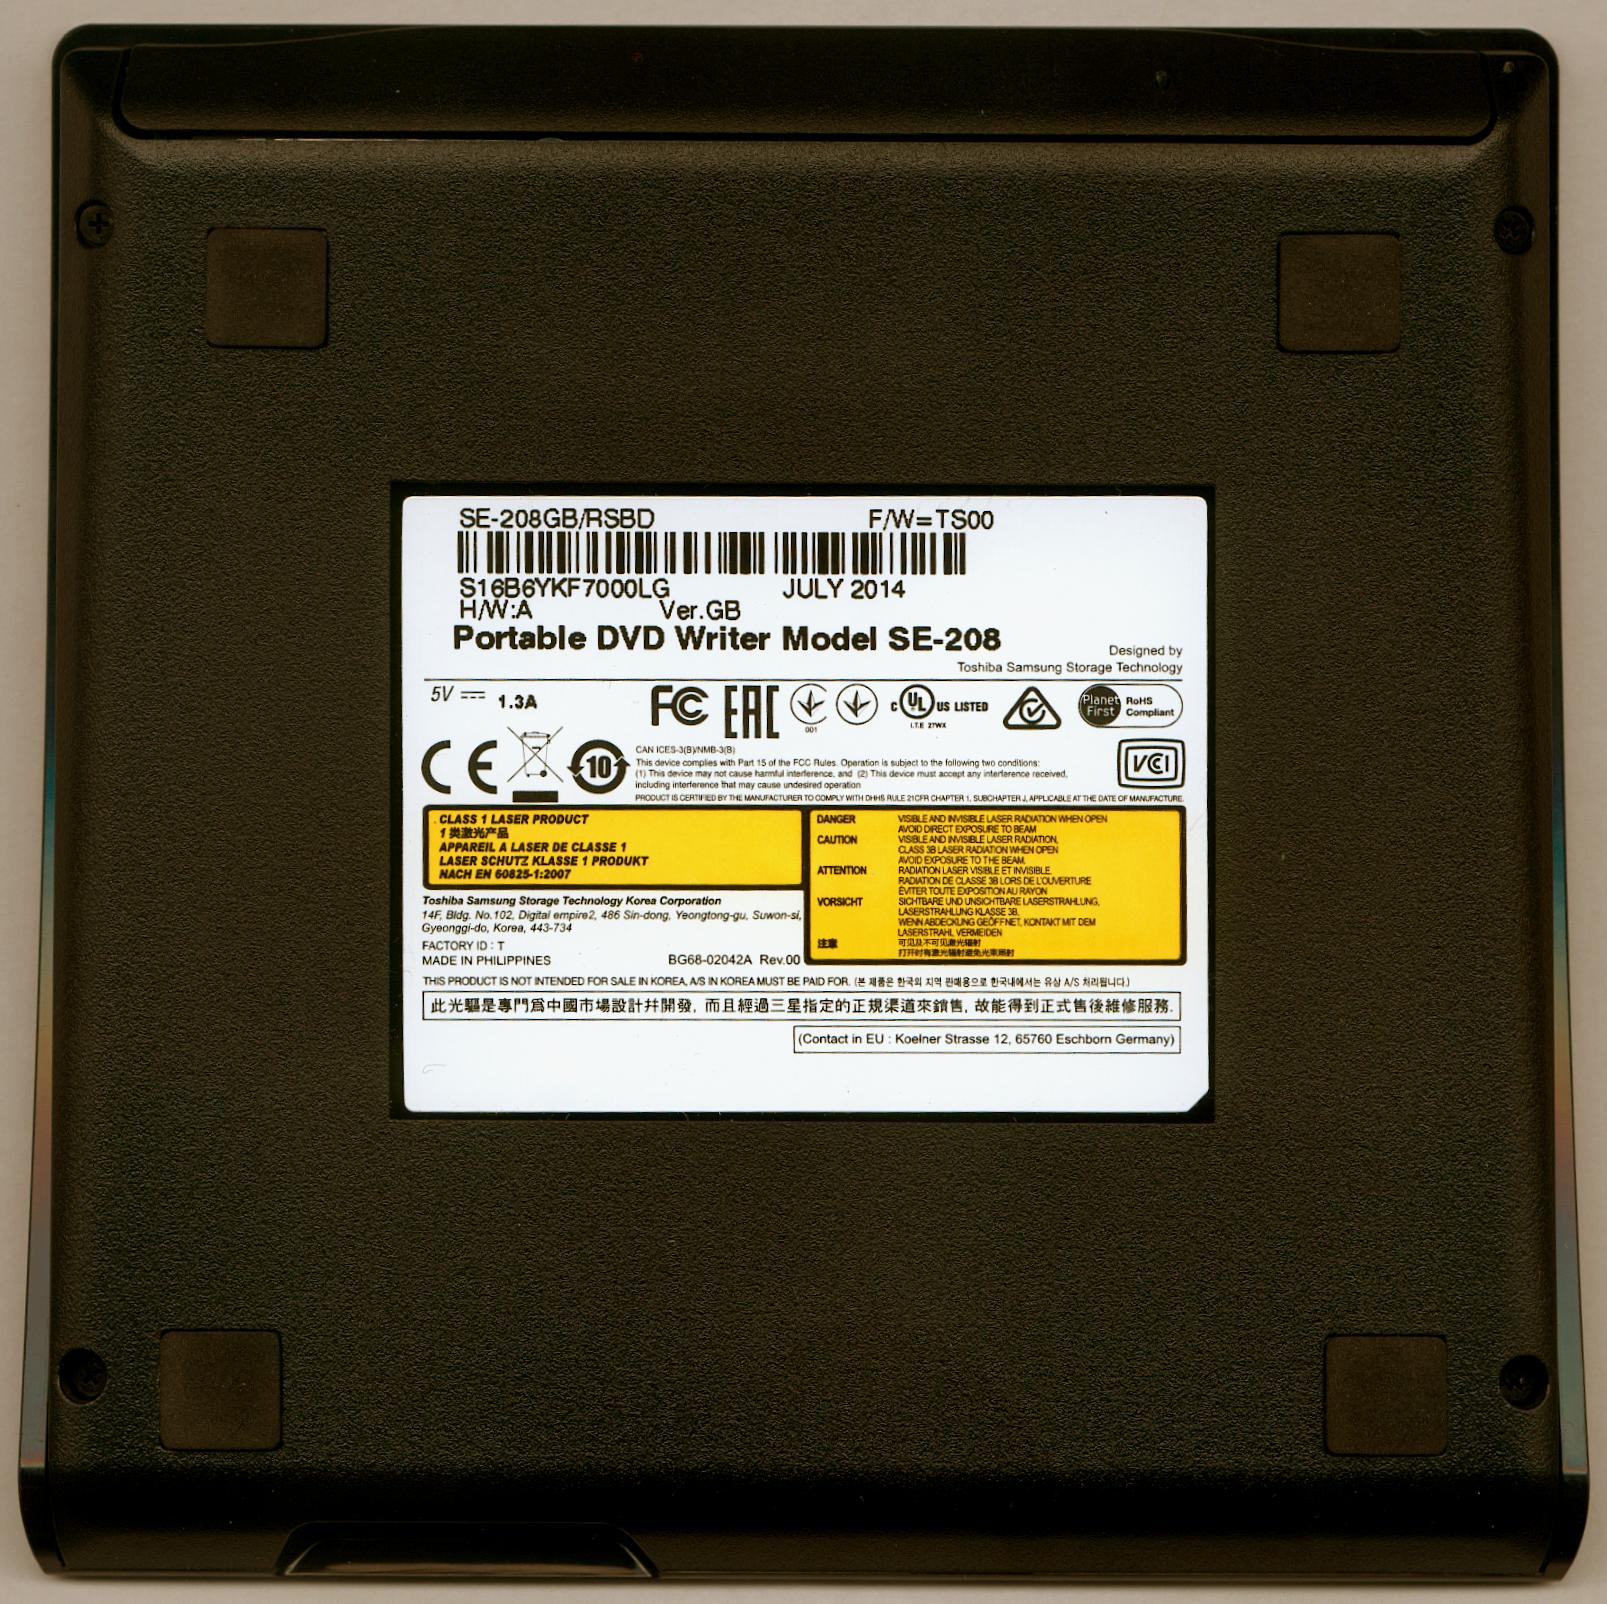 Portable dvd writer model se 208 драйвер youtube.